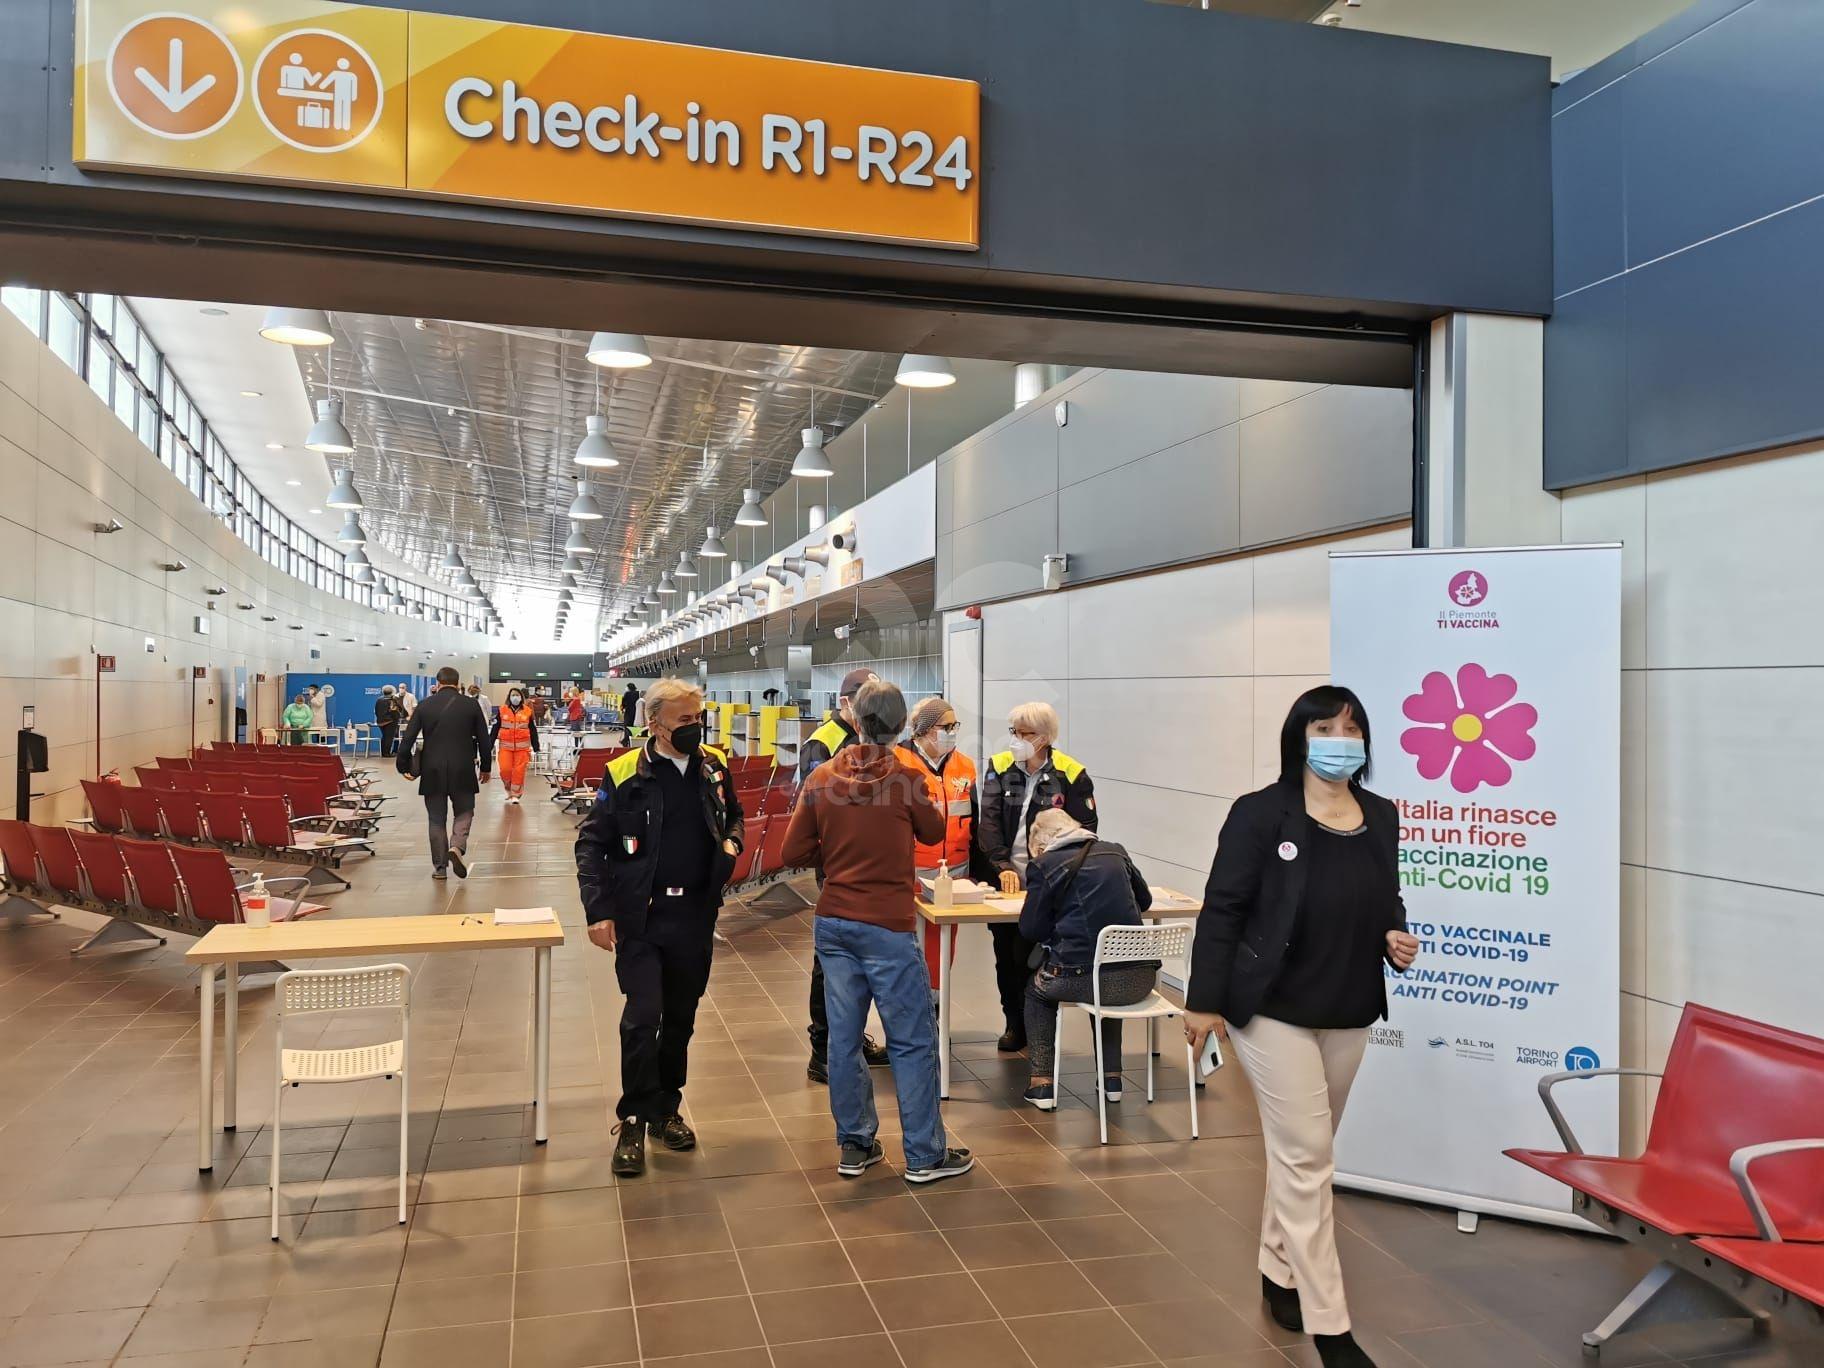 CASELLE - Operativo il nuovo maxi punto vaccinale dell'aeroporto: si trova nello Ski Terminal di Torino Airport - FOTO